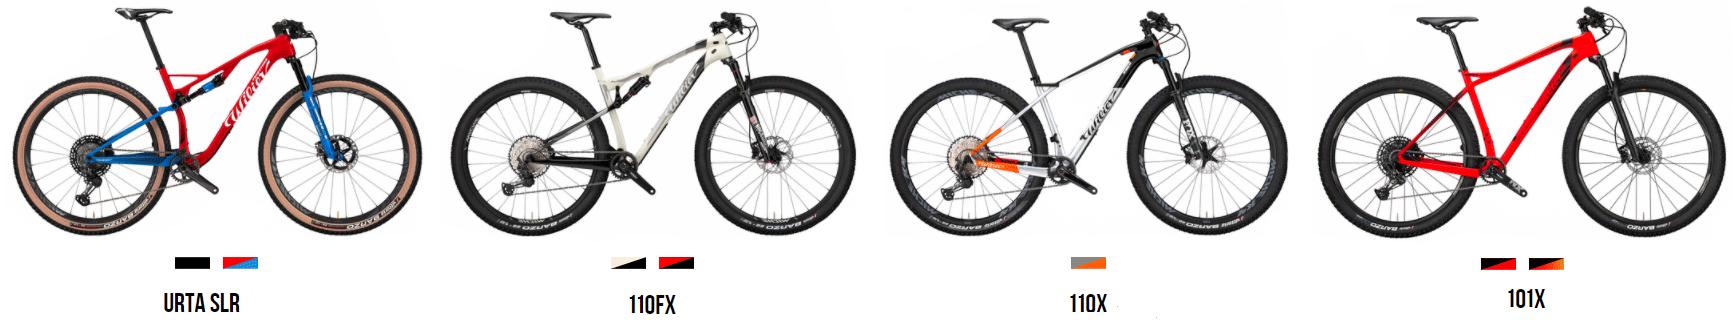 wilier mountain bikes